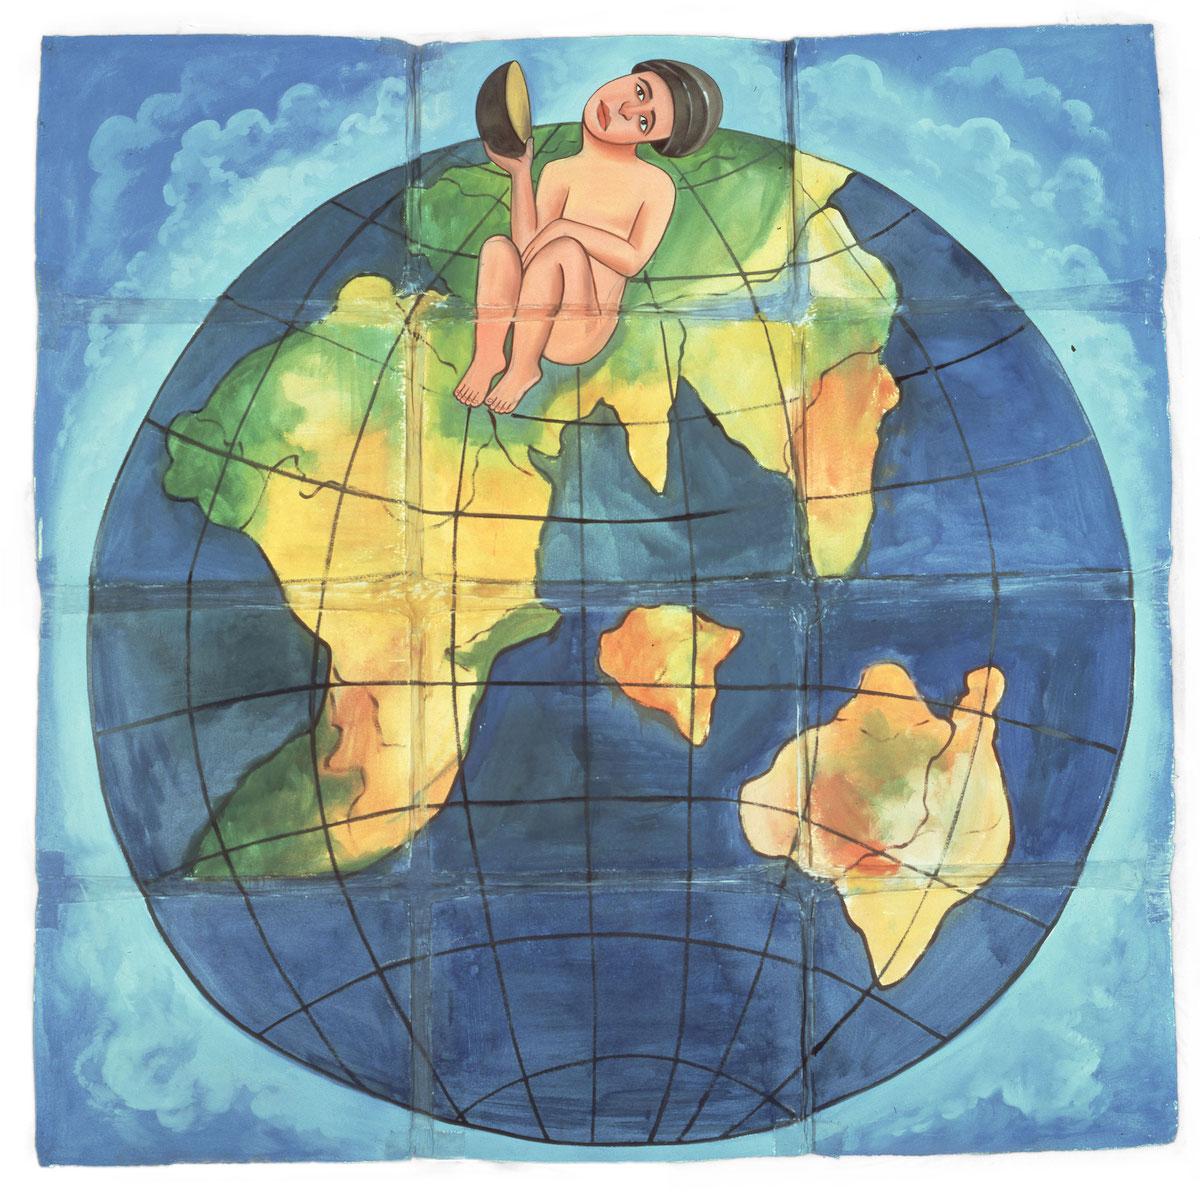 フランチェスコ・クレメンテ《二つの大地》1981年